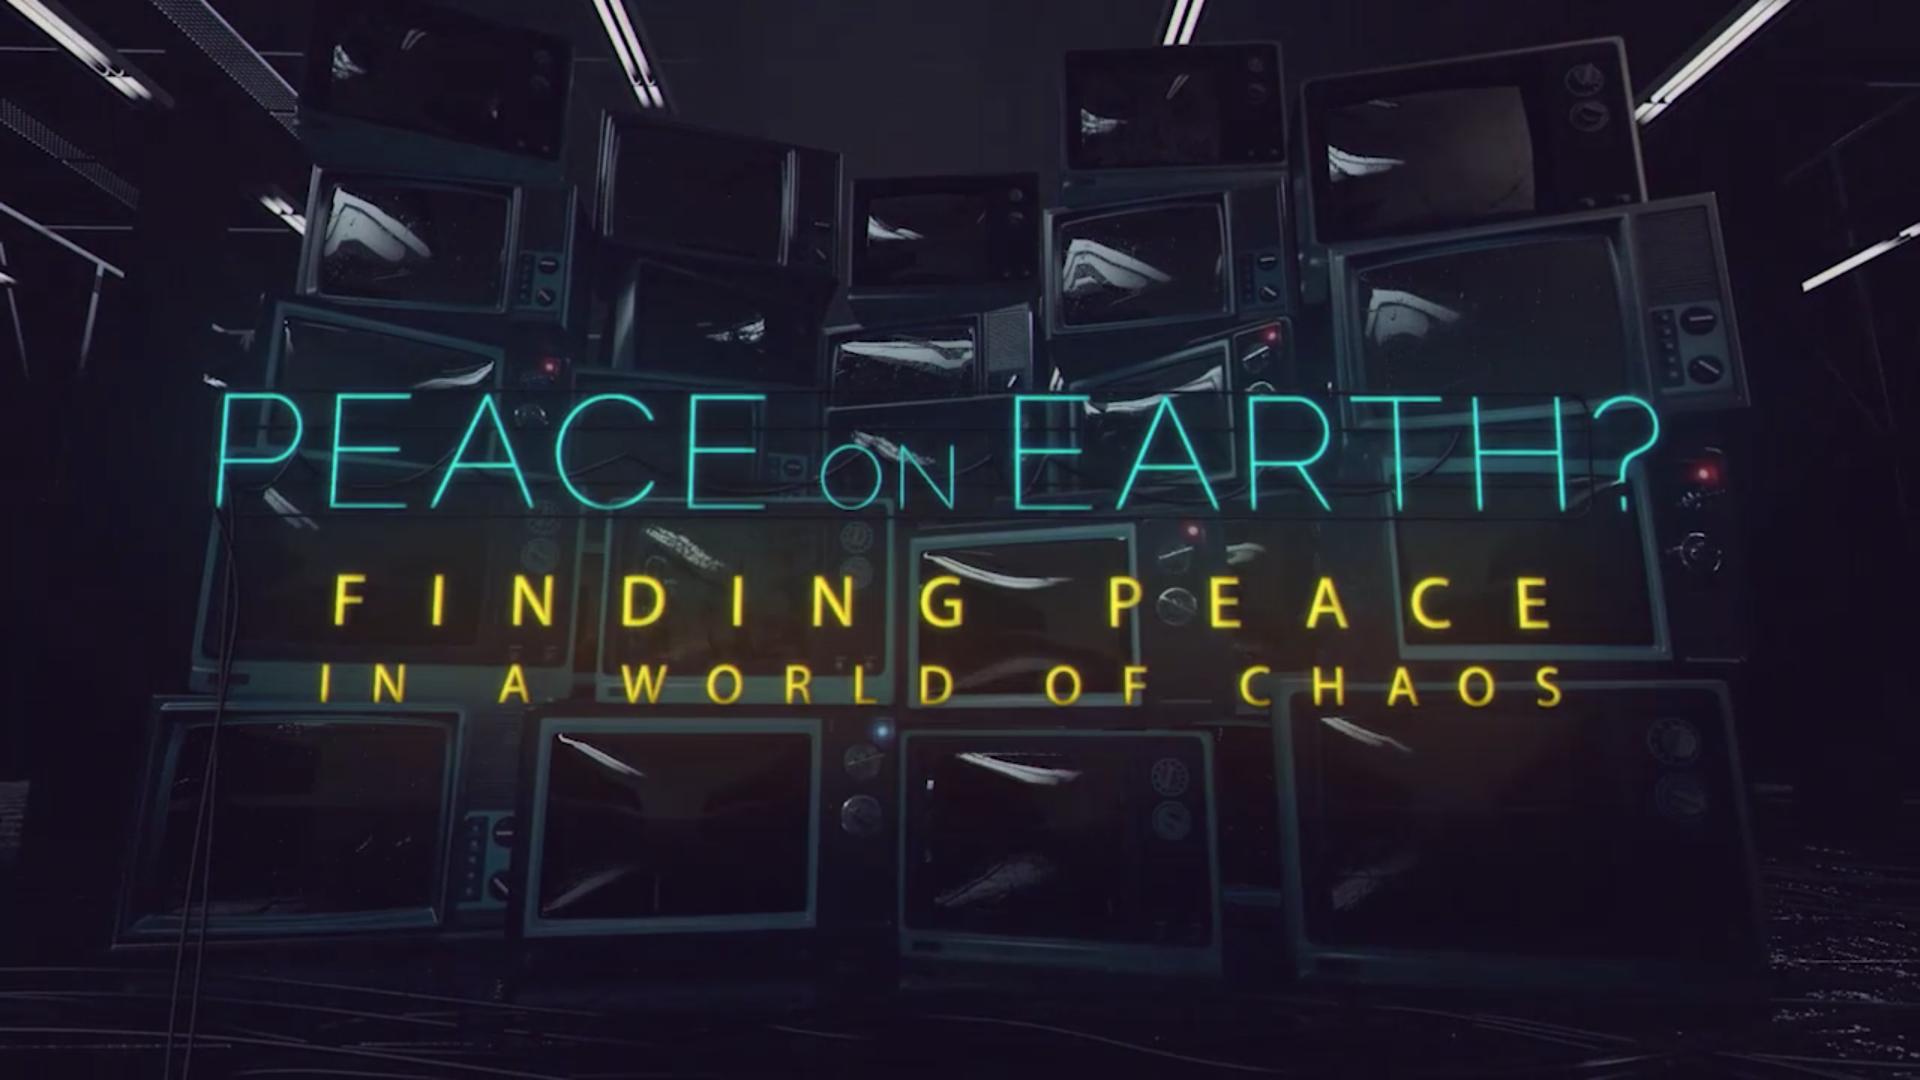 Peace on Earth? - 2017